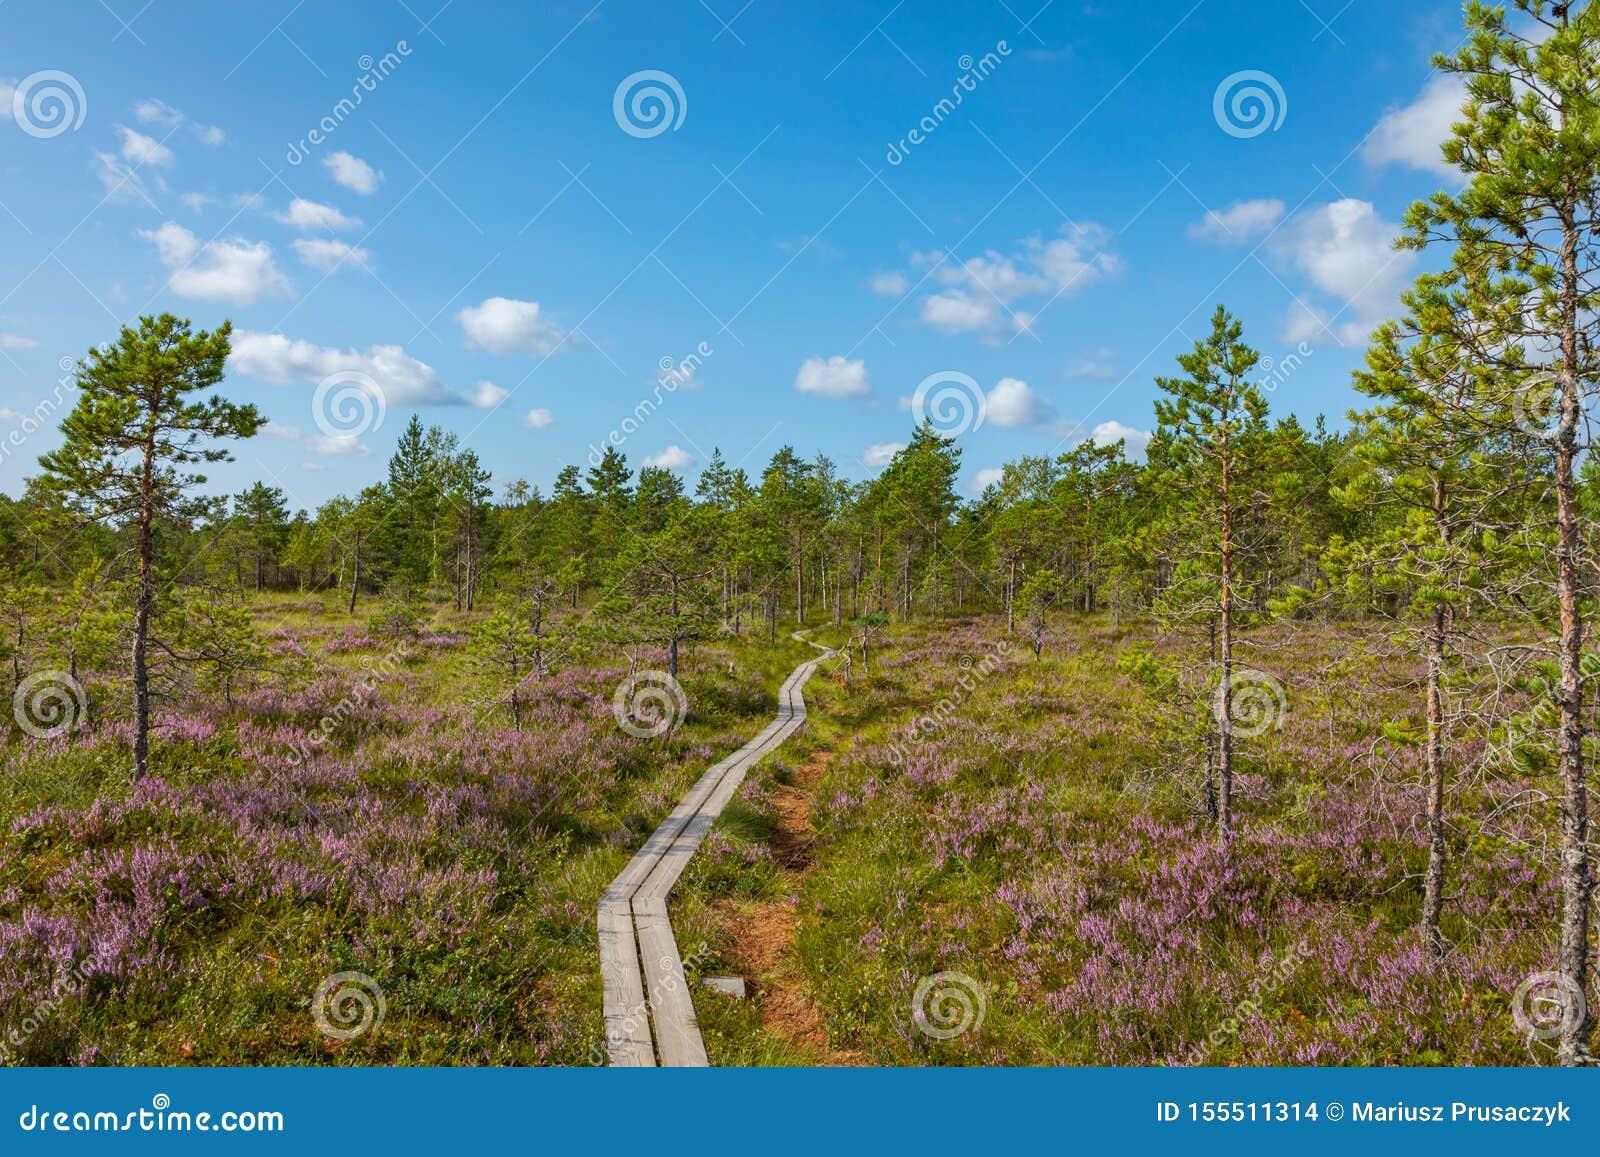 Hiking trail in scandinavian national park in a wetland bog. Kurjenrahka National Park. Turku, Finland. Nordic natural landscape